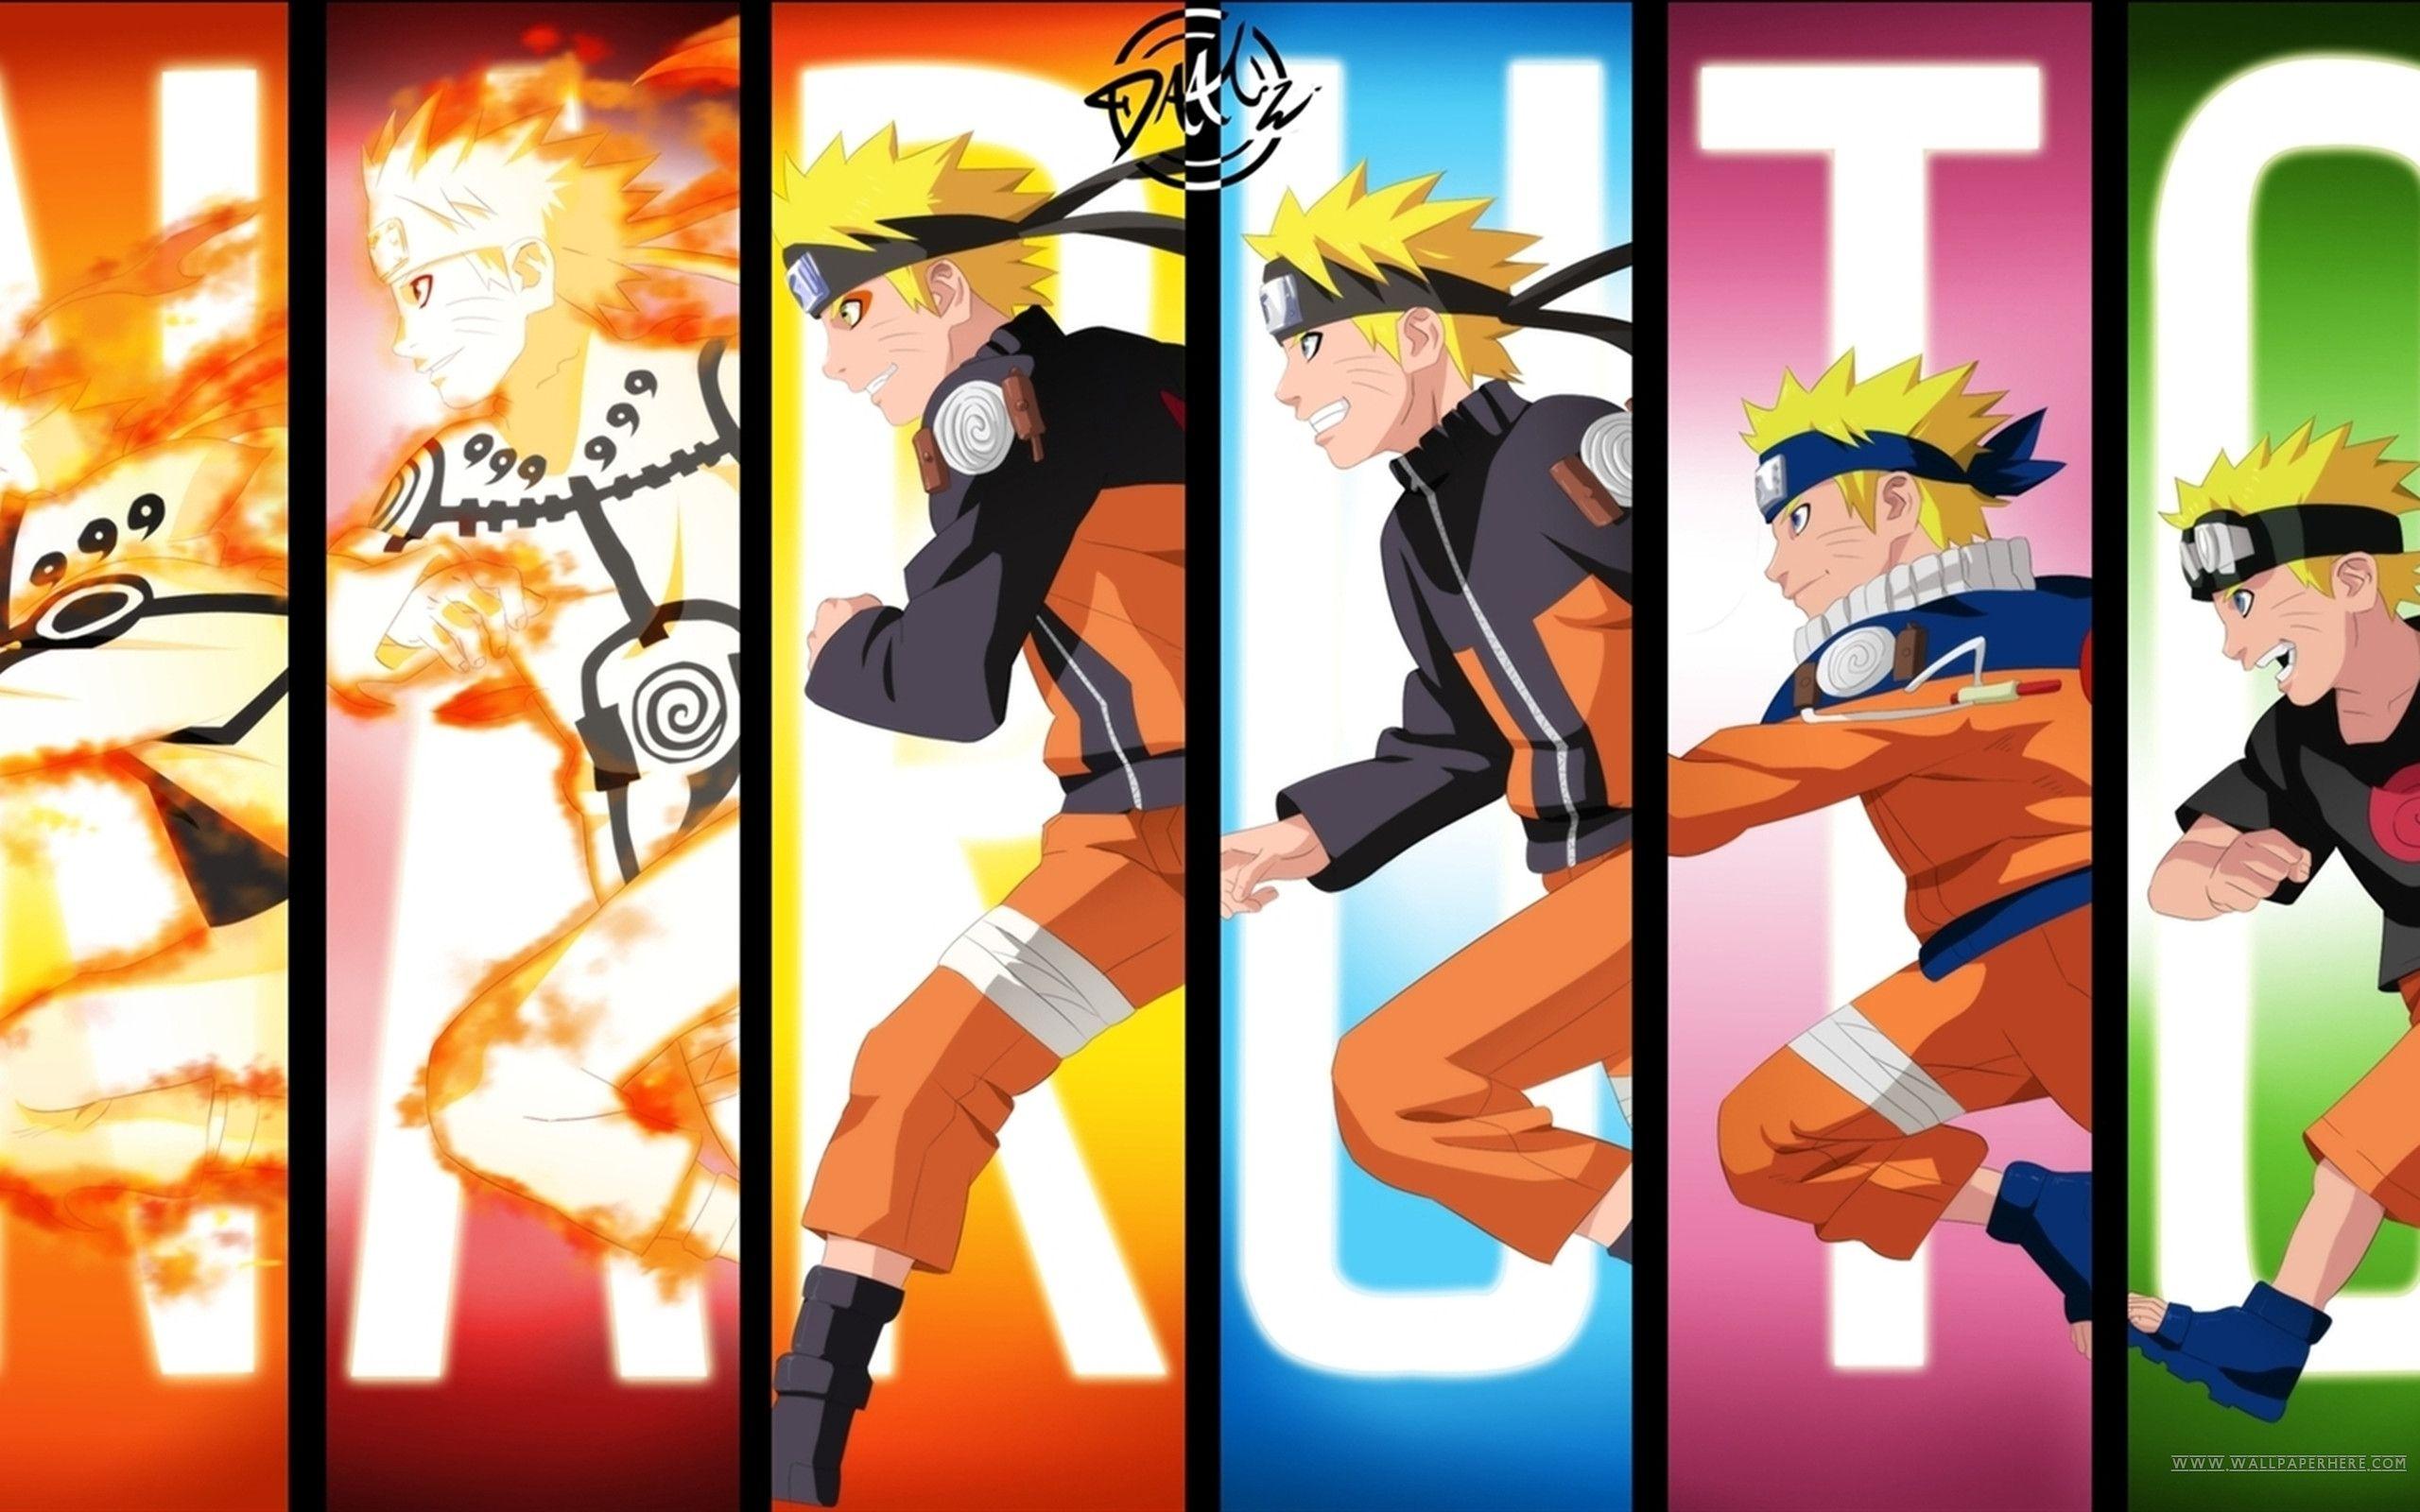 Naruto Shippuden Wallpaper High Defintiion Pc Jpg 2560 1600 Naruto Pictures Best Naruto Wallpapers Wallpaper Naruto Shippuden